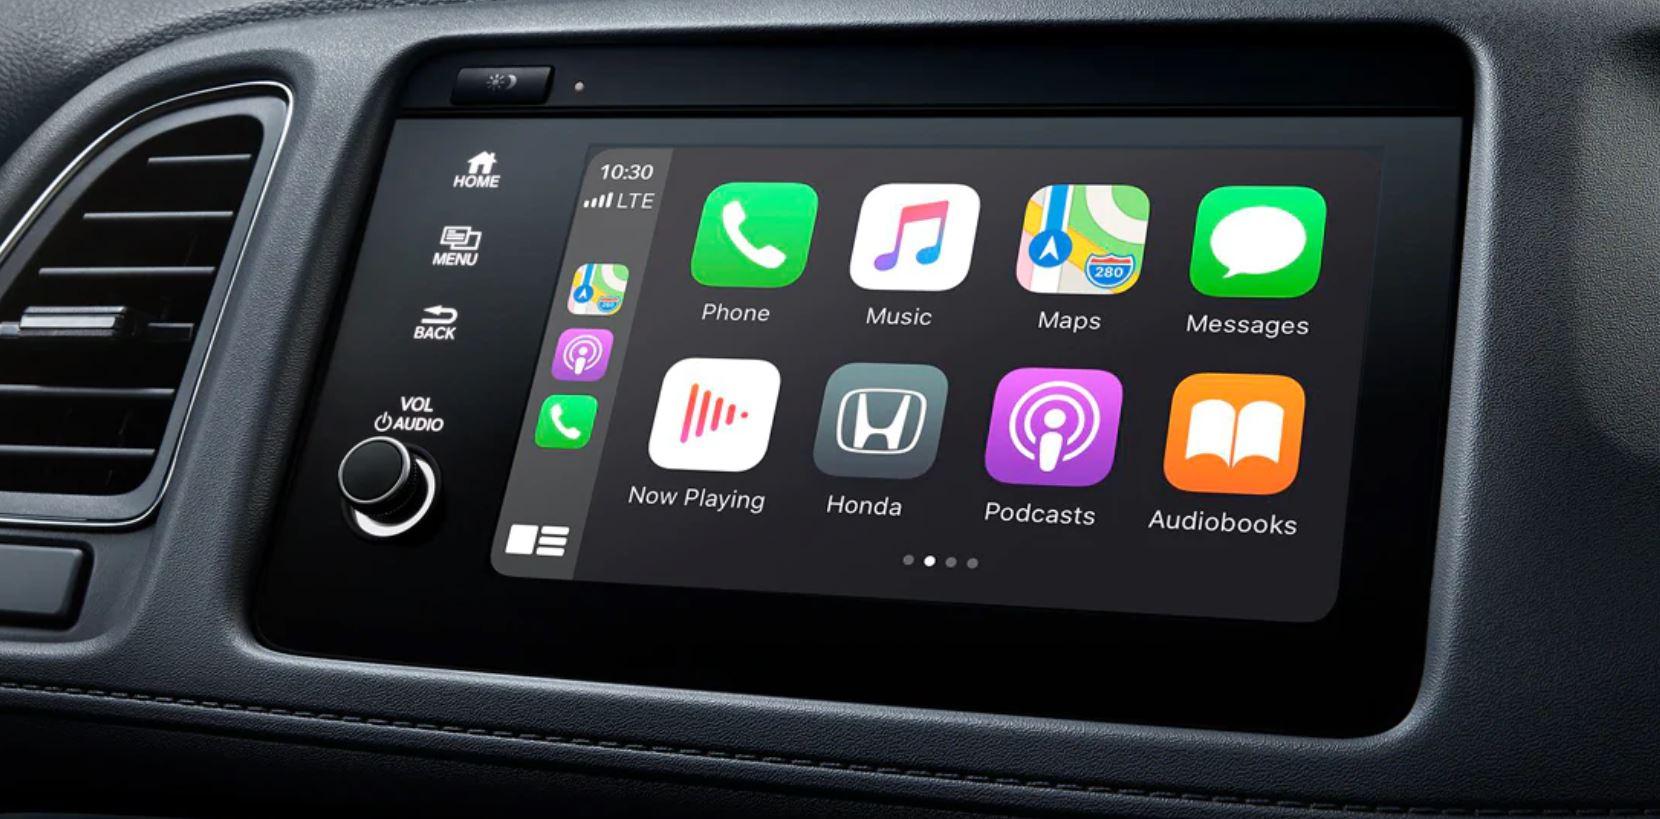 Touchscreen in the 2020 Honda HR-V